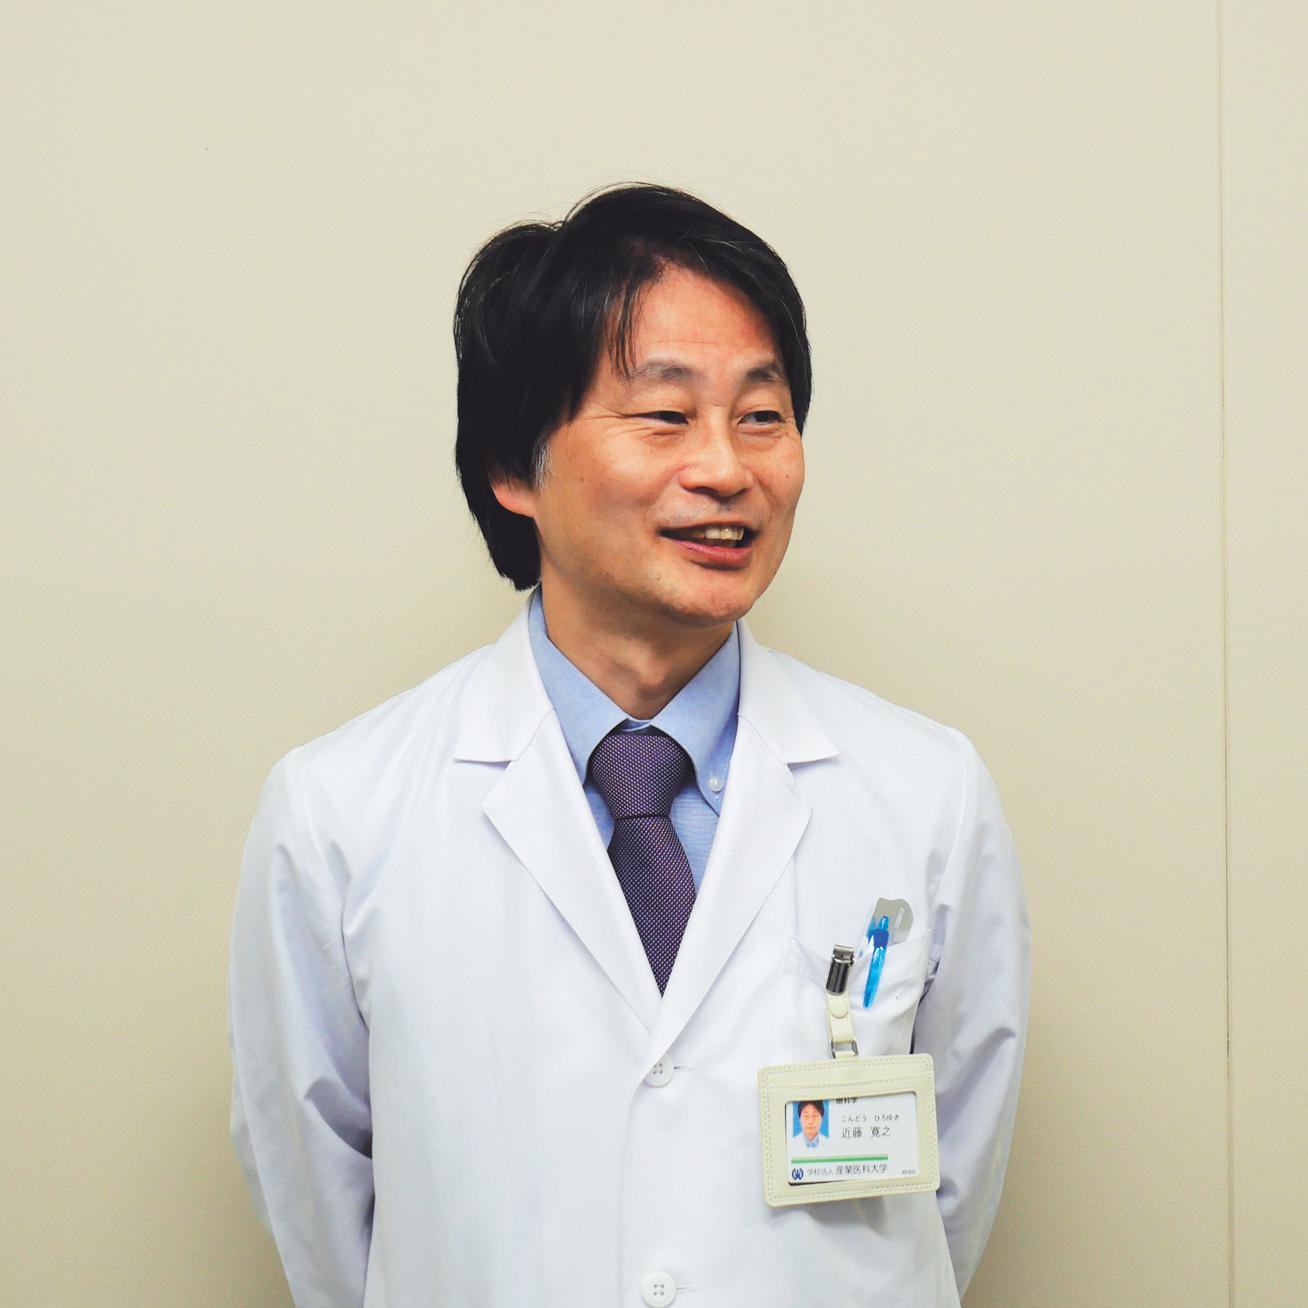 早期の予防治療、手術で未熟児網膜症に挑む